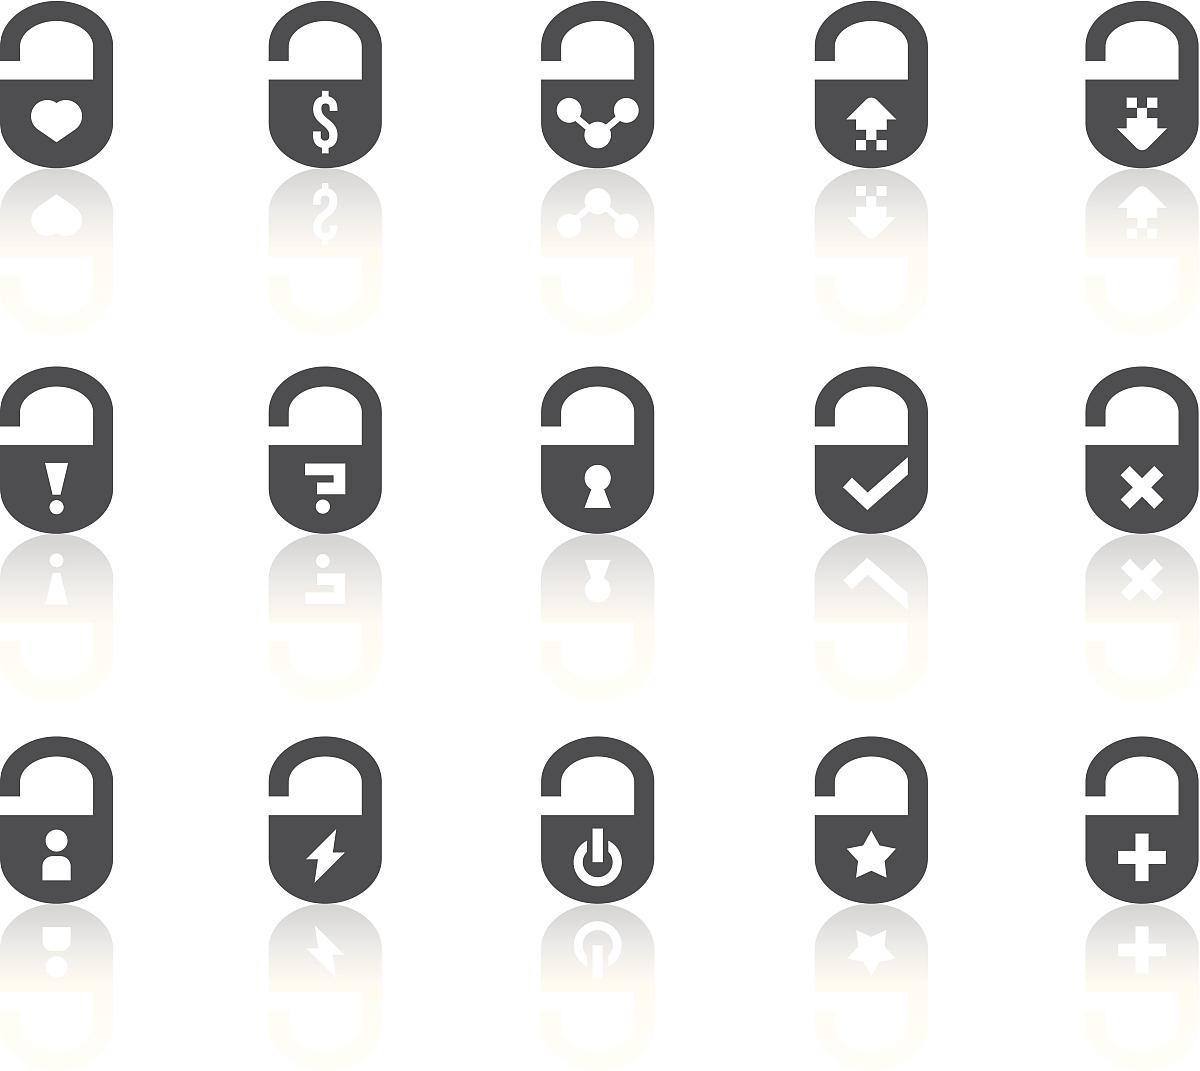 沟通,健康保健,黑白图片,计算机制图,锁,黑色,十字形,星形,开关,问号图片